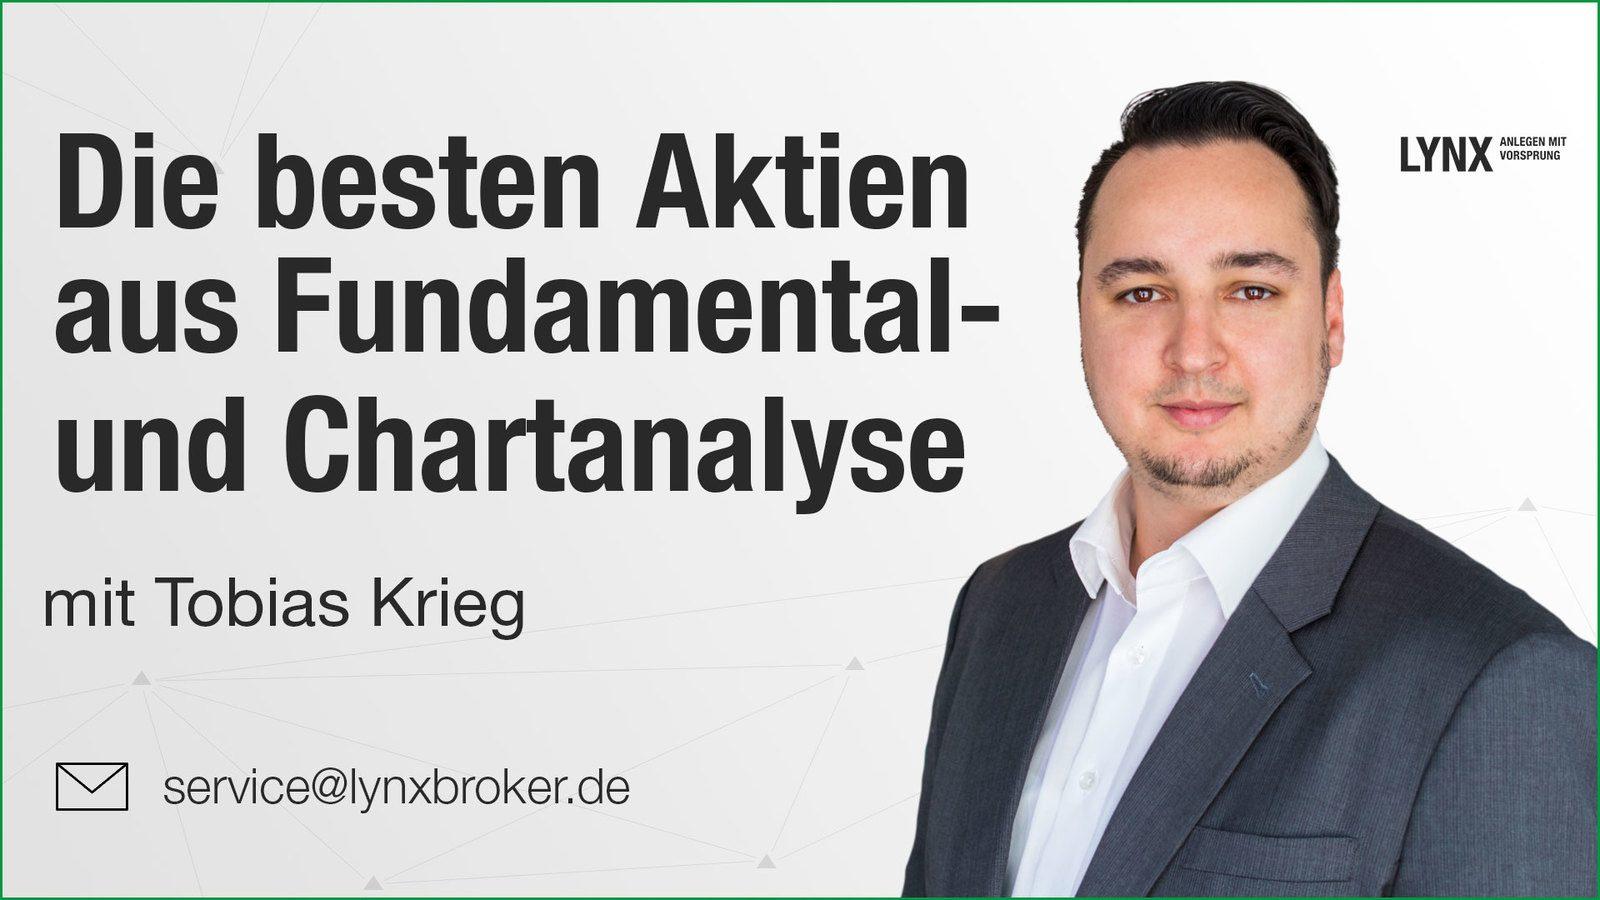 Value Plus - Die besten Aktien aus Fundamental- und Chartanalyse